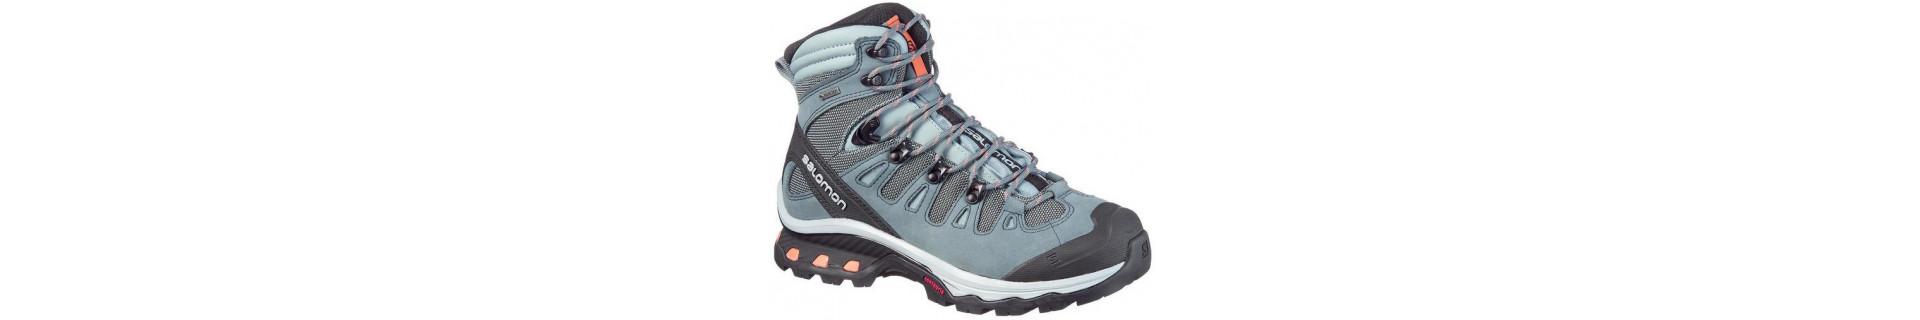 Zapatillas de montaña y trekking para mujer, Adidas, Salomon, Asics